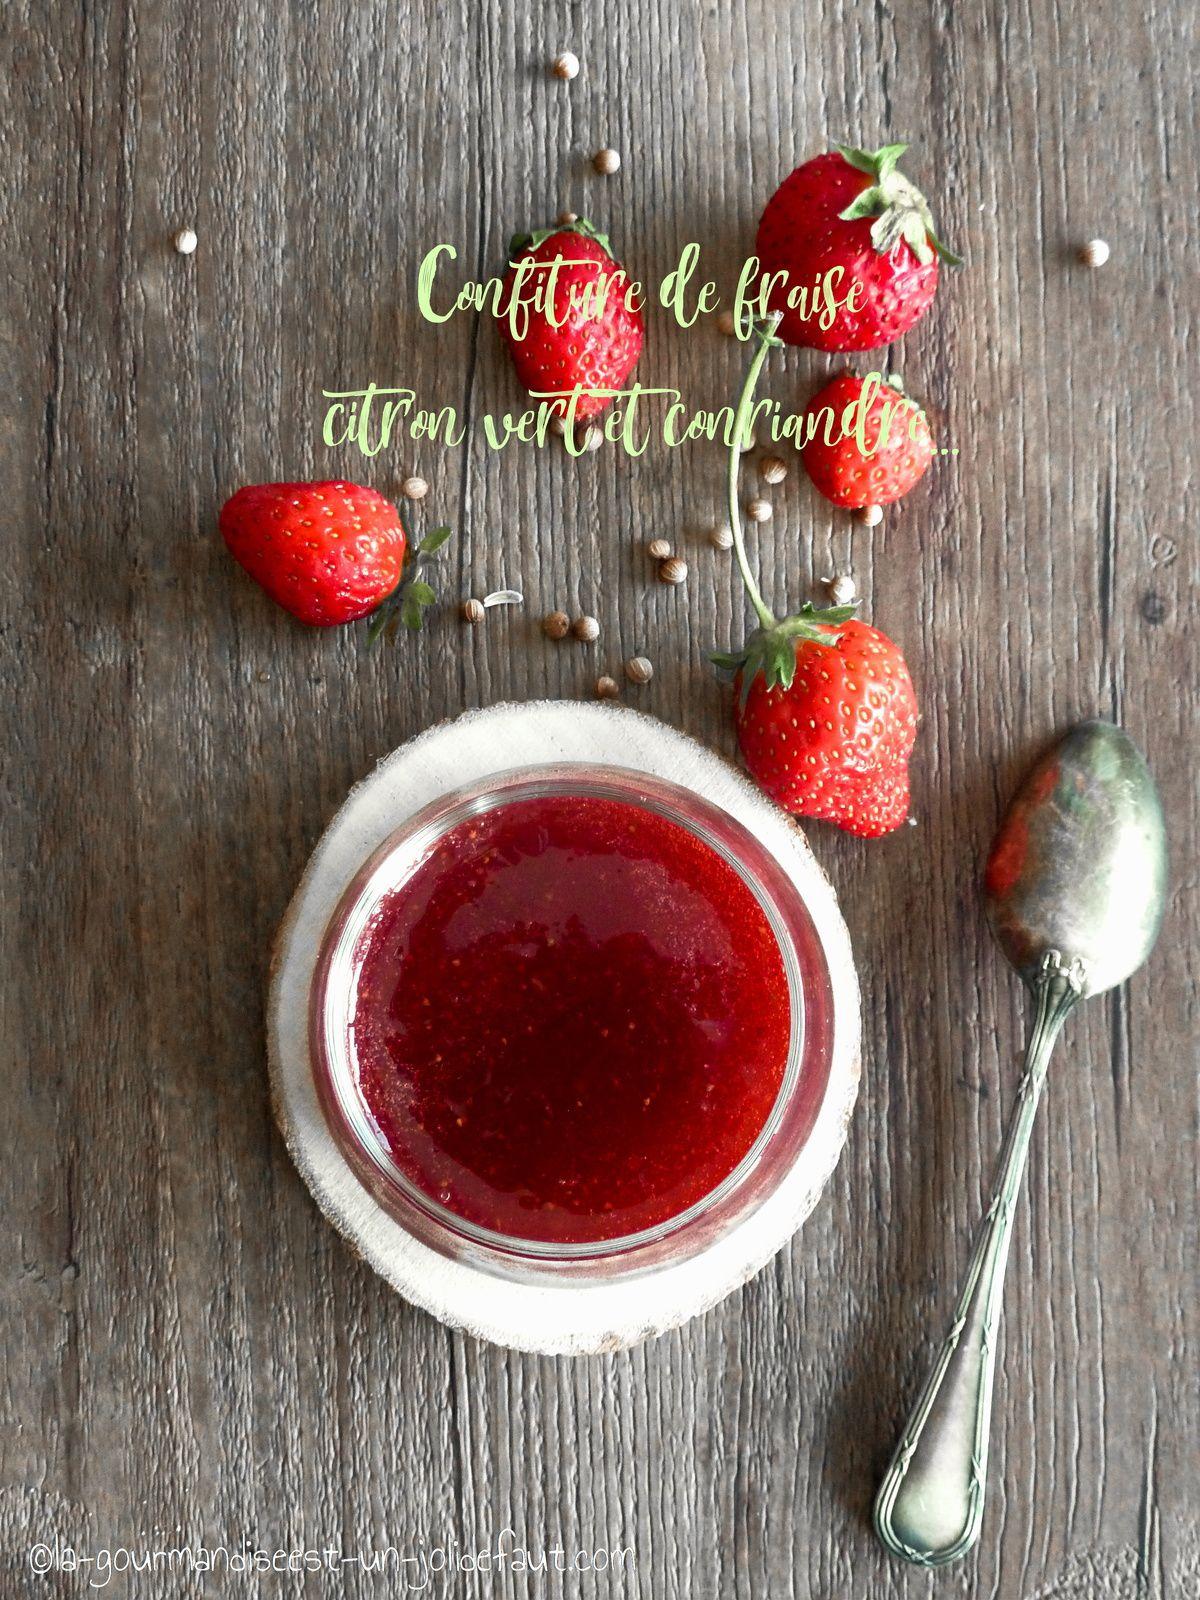 Confiture de fraise à la coriandre et citron vert